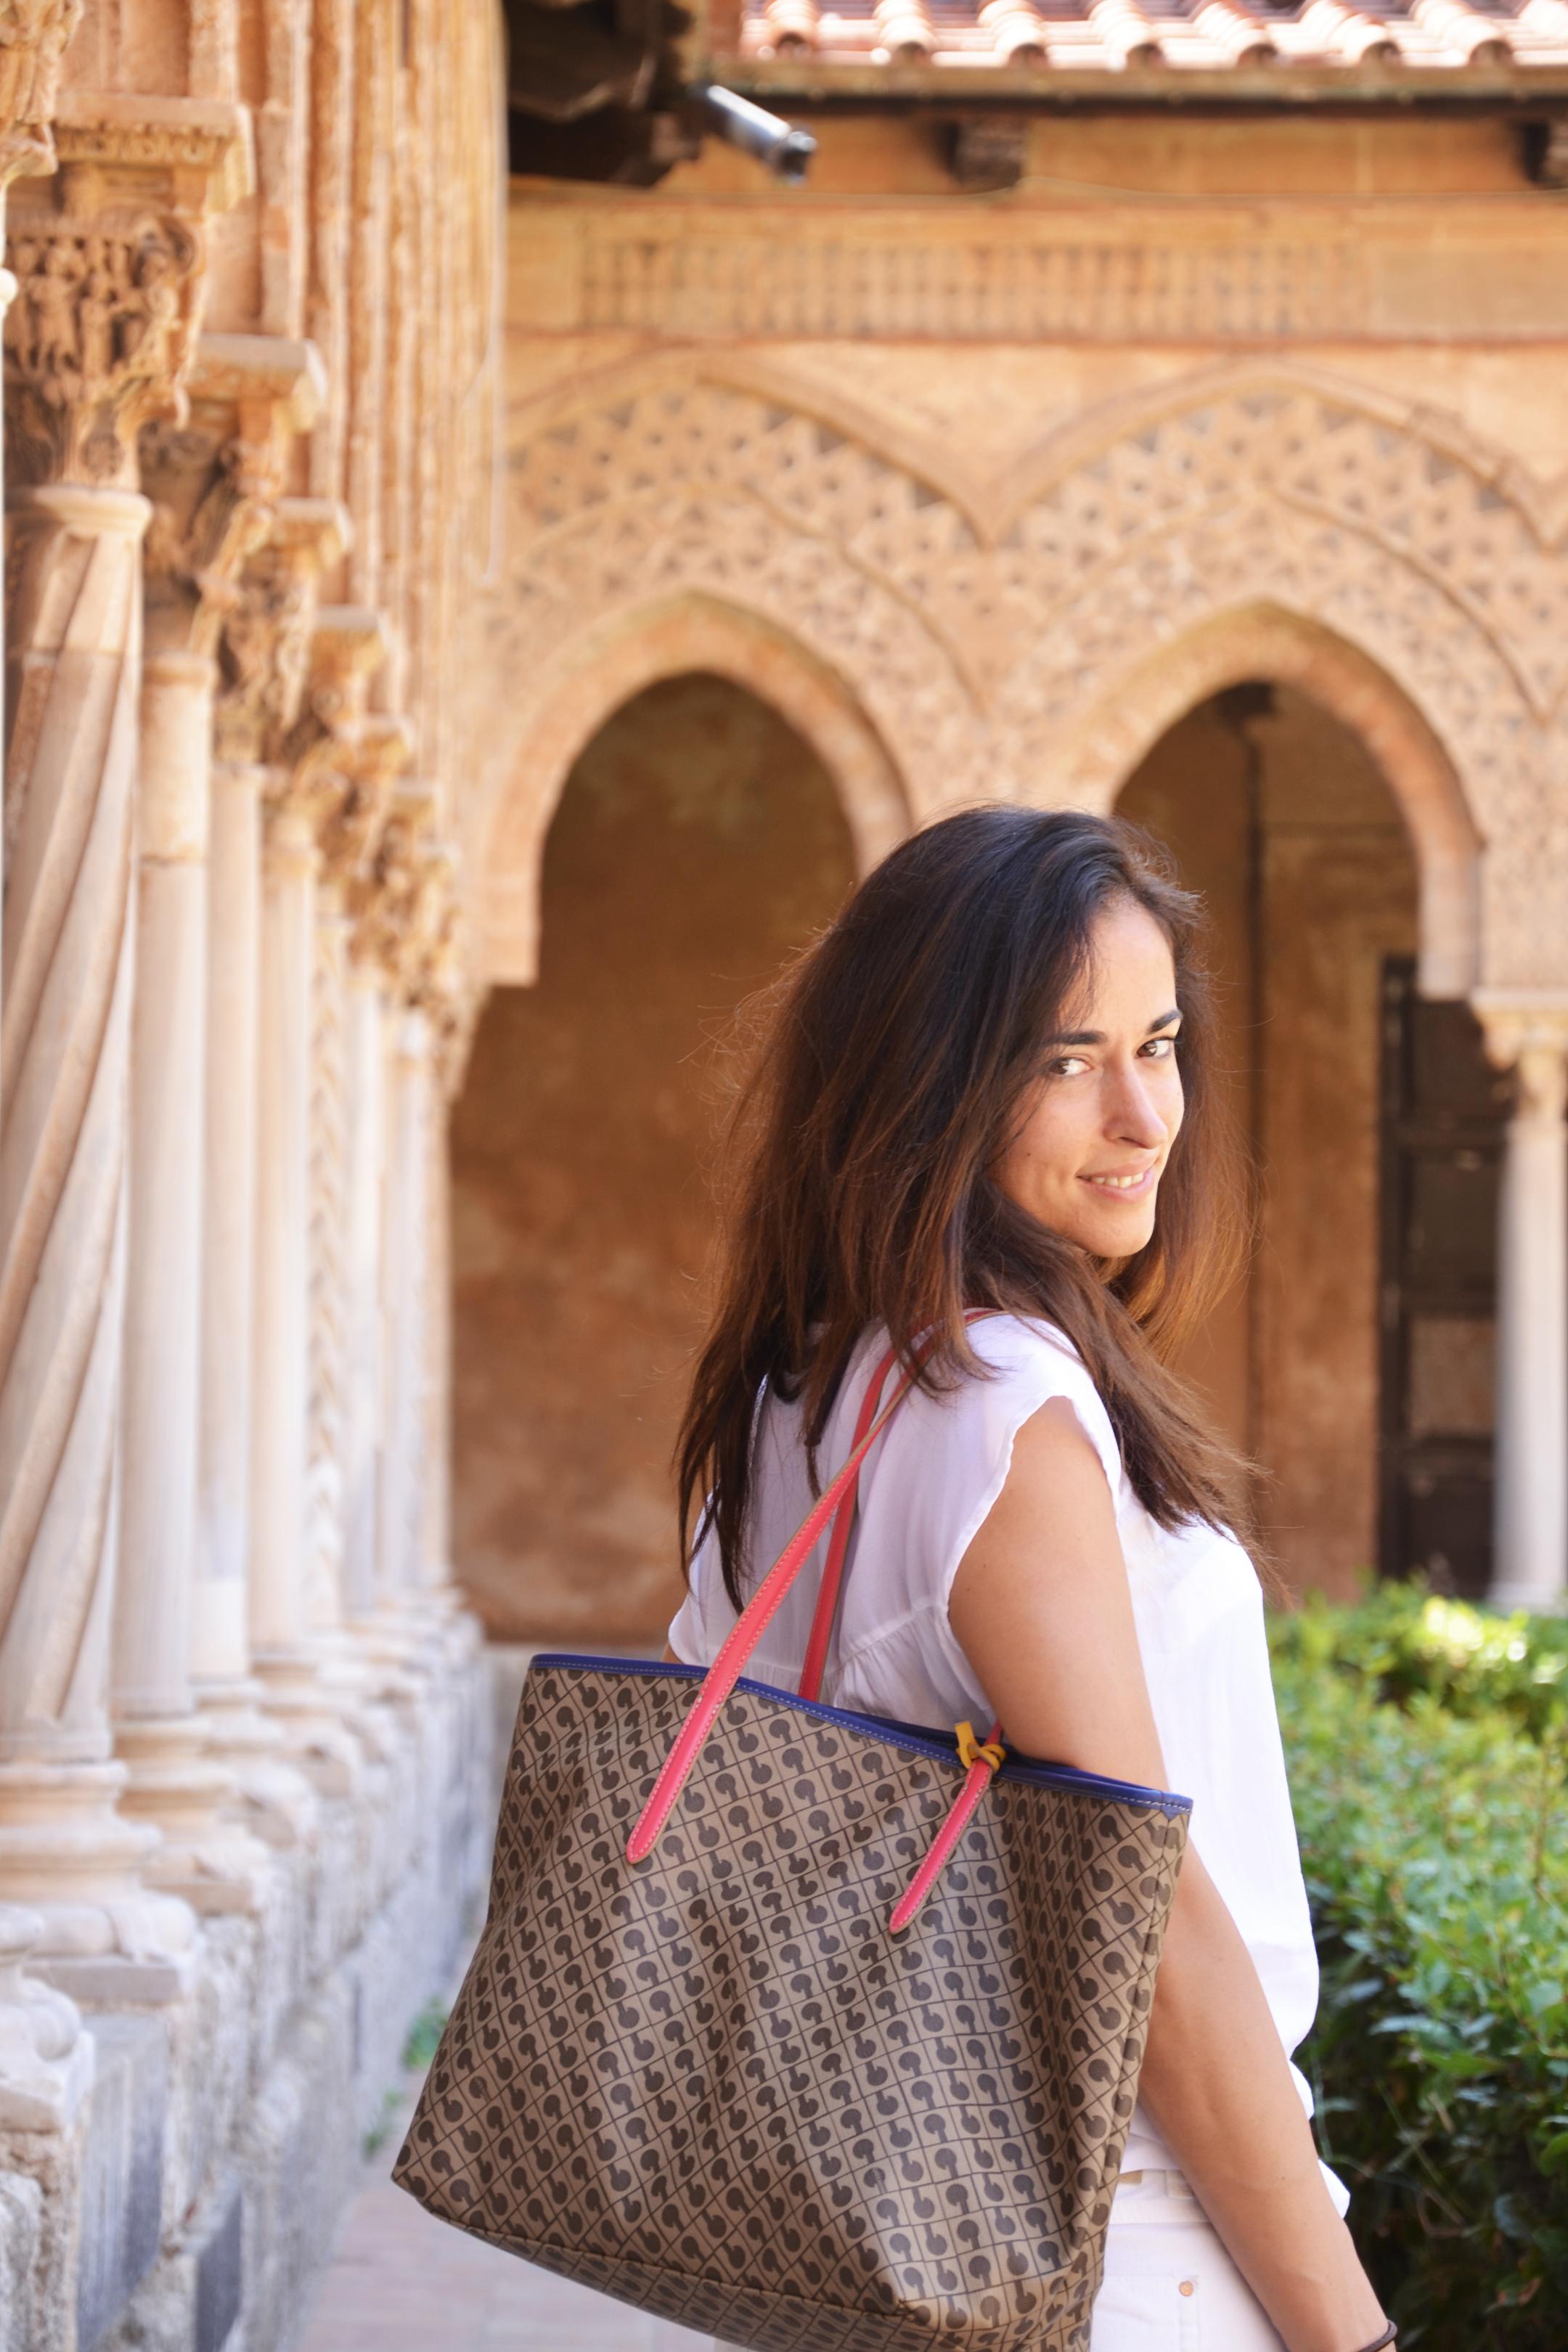 alessia-canella-sicilia-monreale-style-shouts-travel-blog